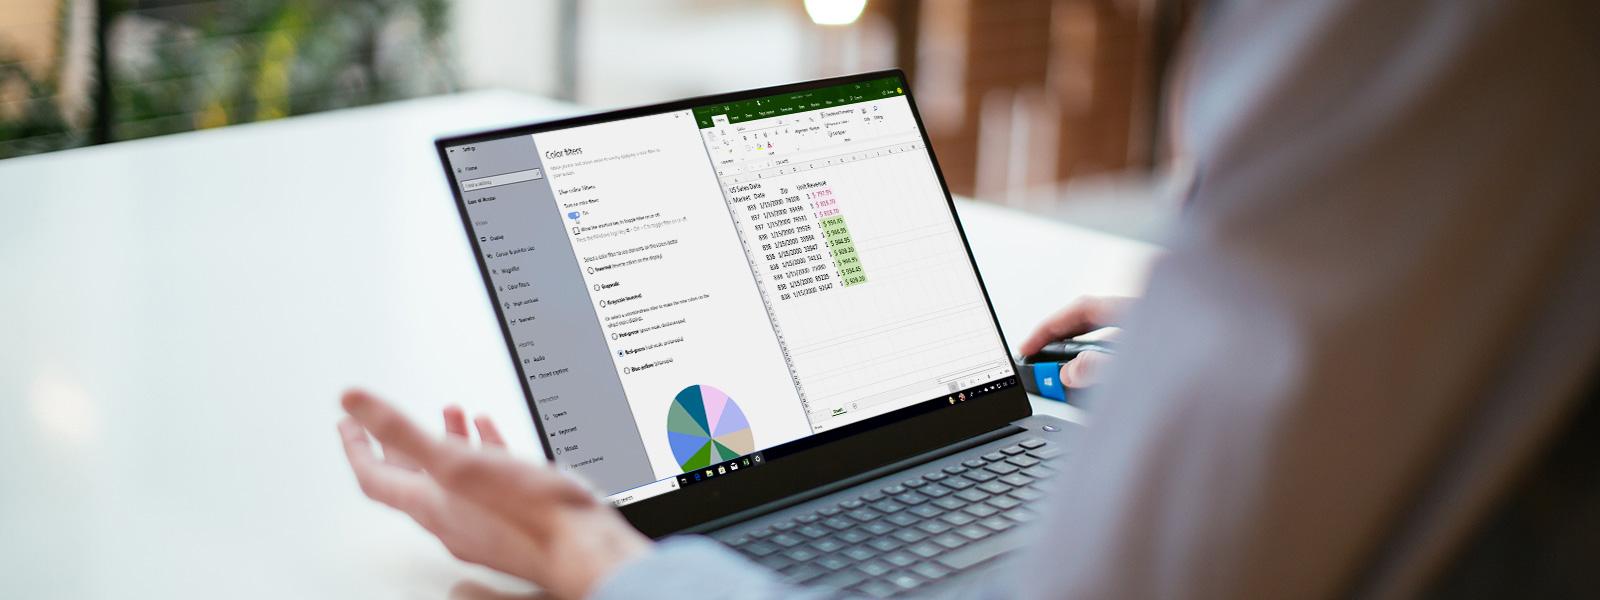 Osoba koja koristi prijenosno računalo s filtrima s bojama omogućenim u sustavu Windows 10